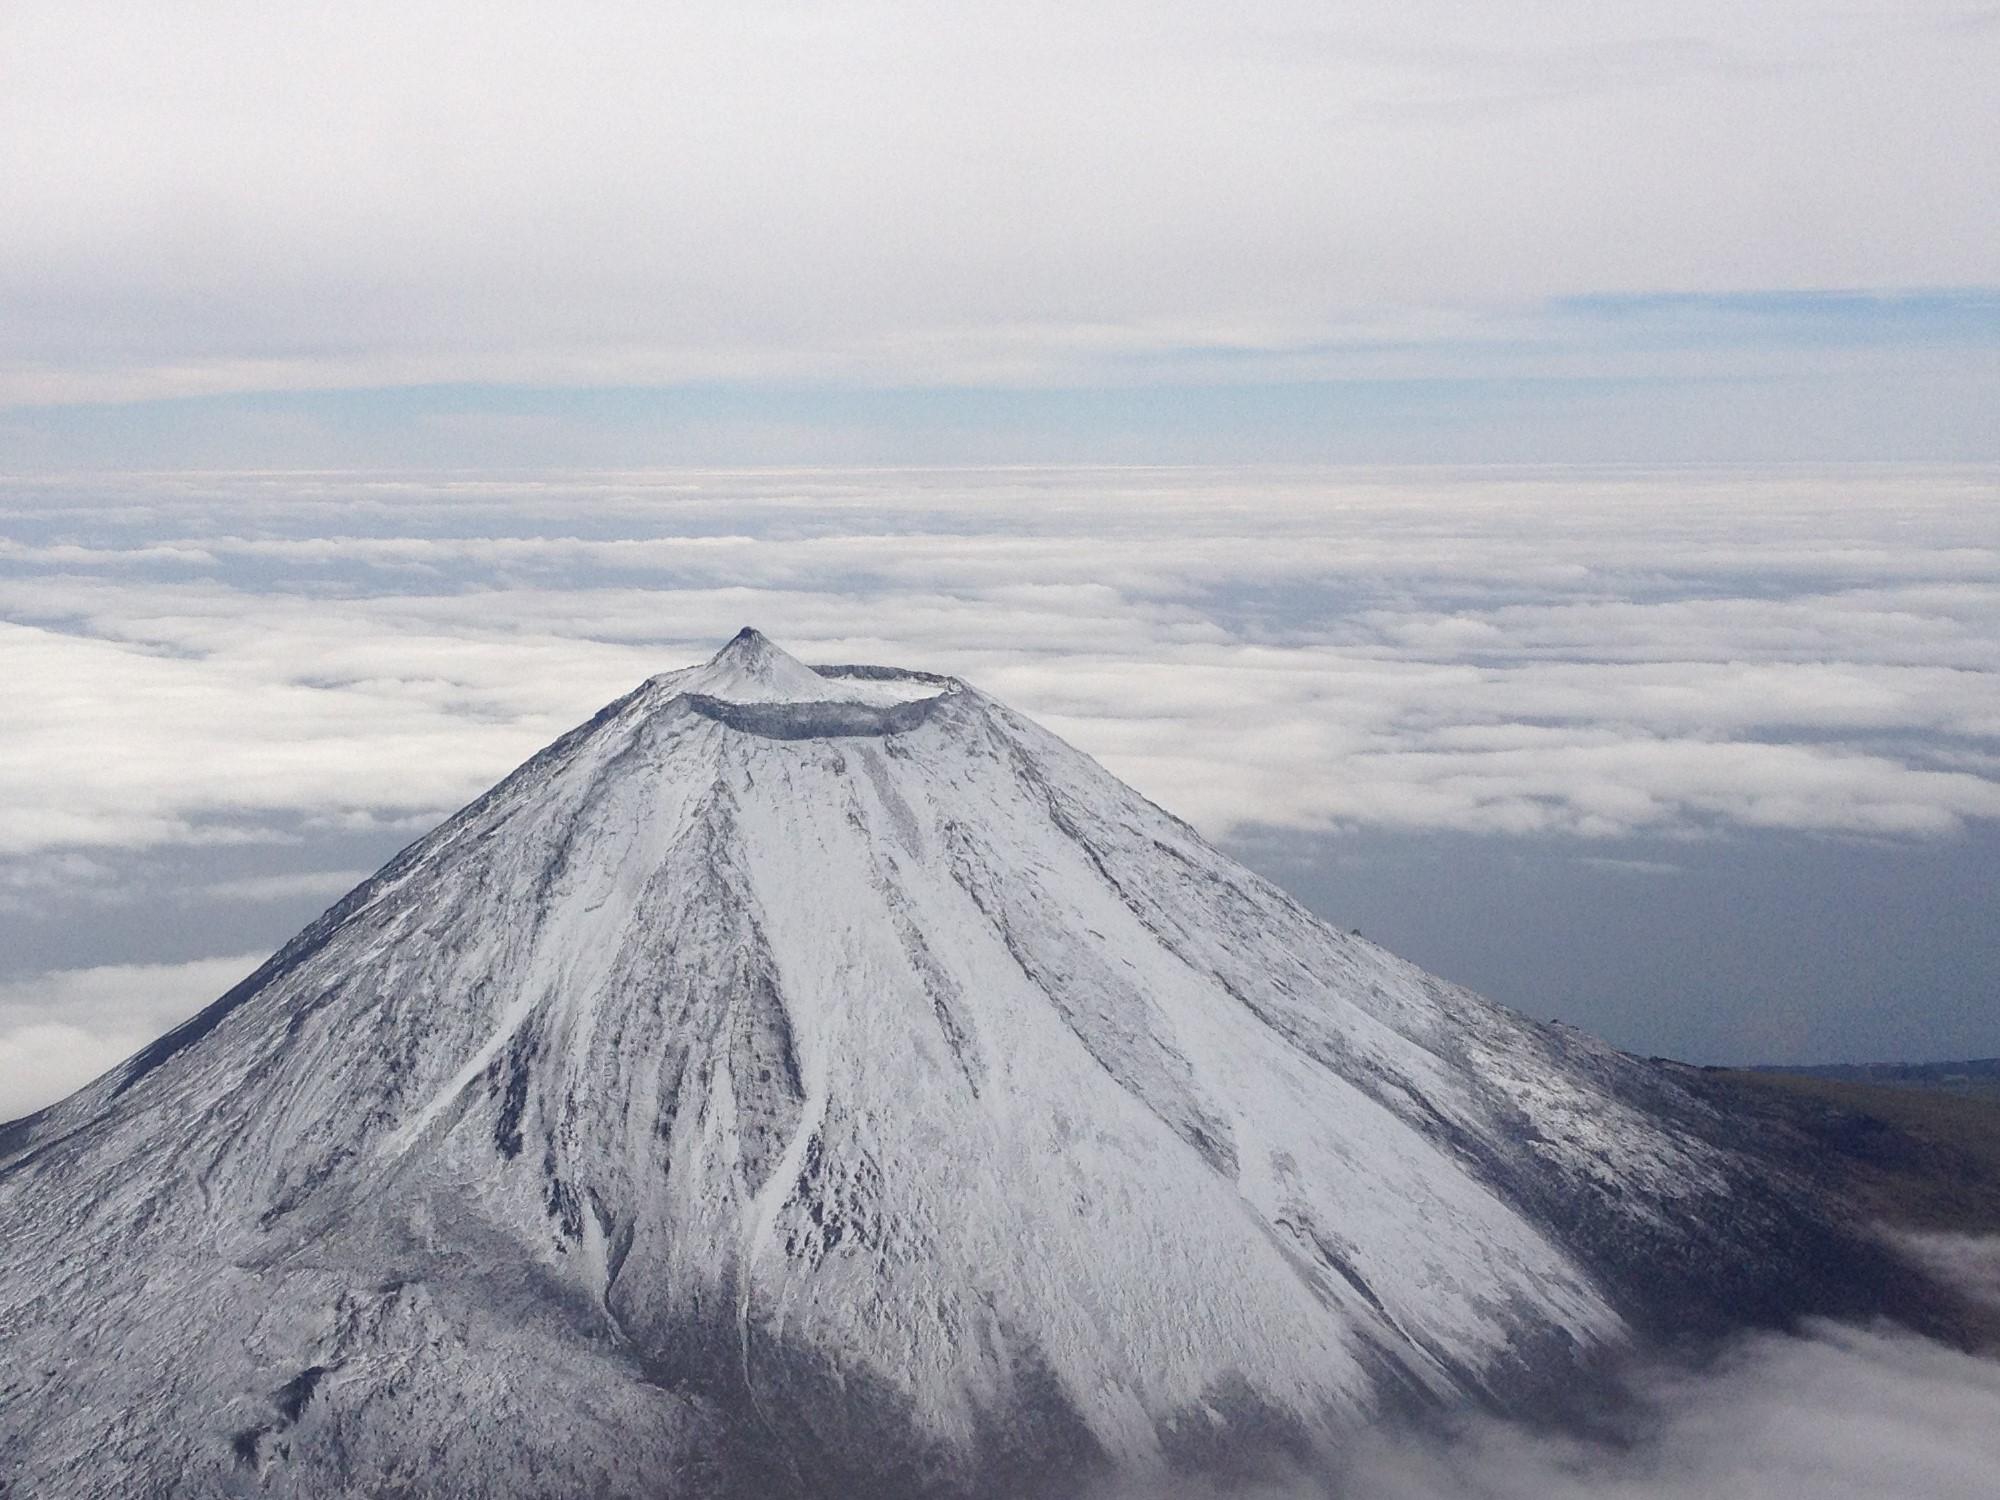 Mount Pico mit Schnee